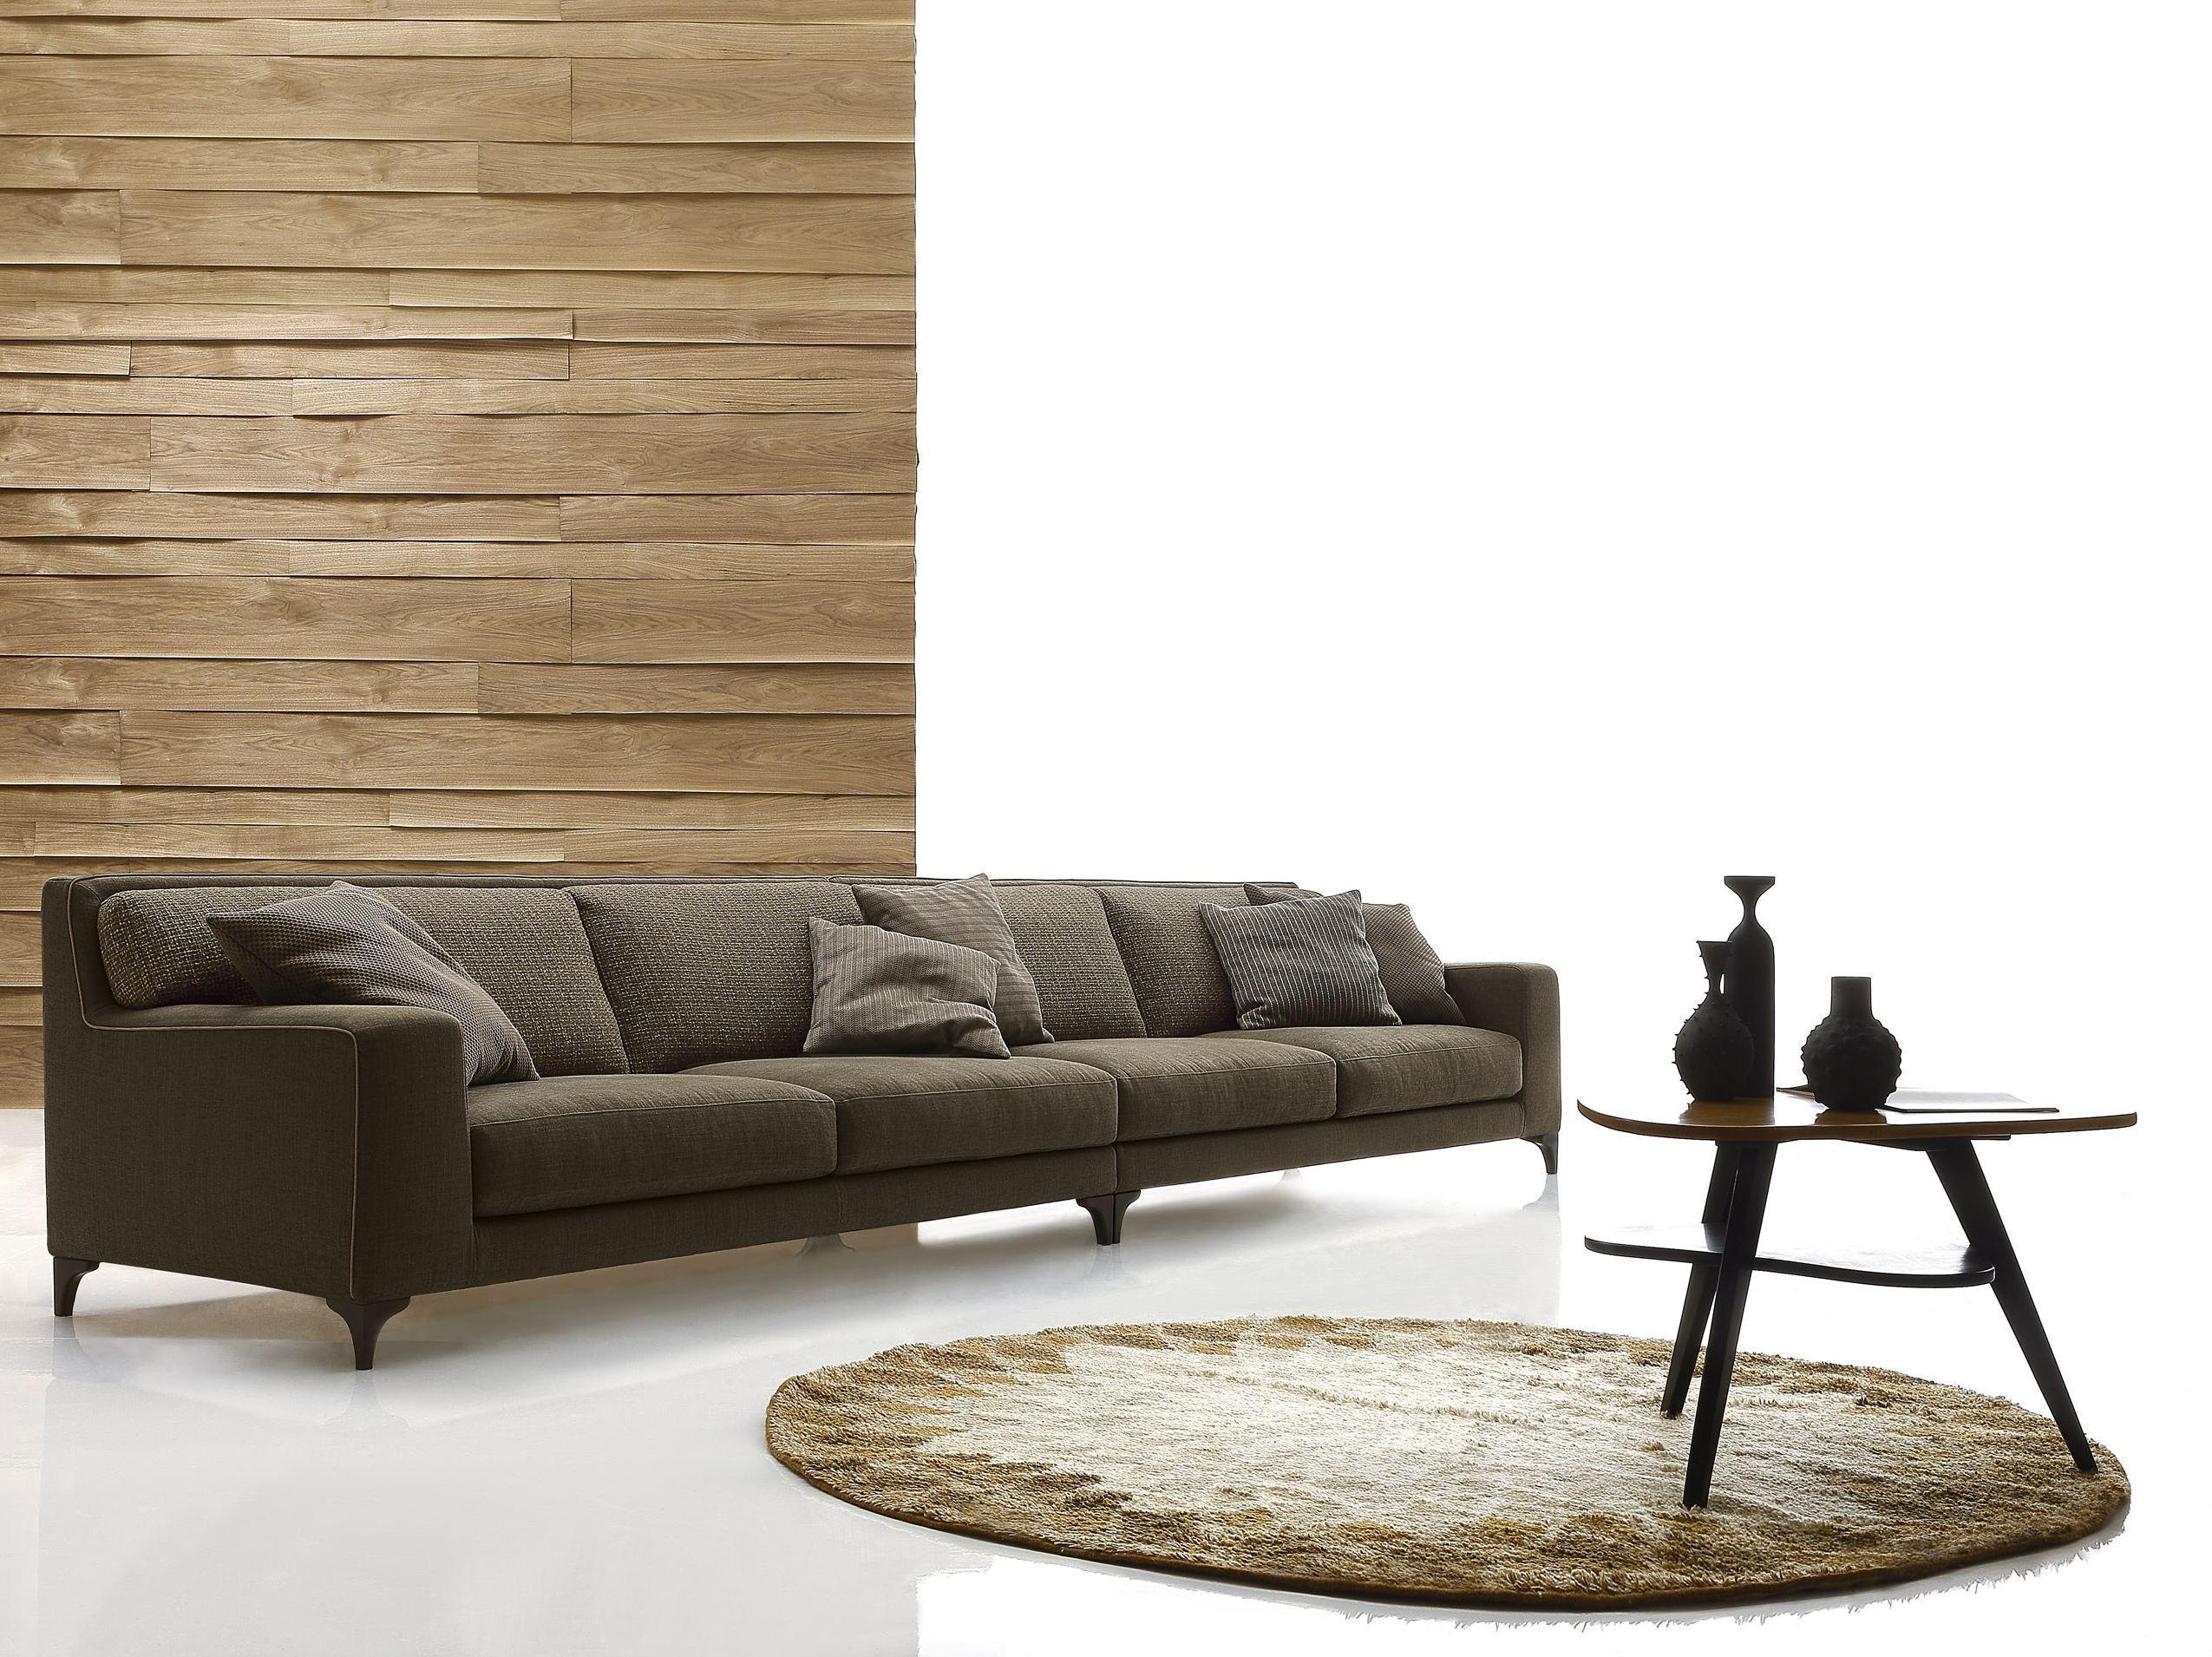 Morrison divano componibile by ditre italia design stefano for Di tre italia